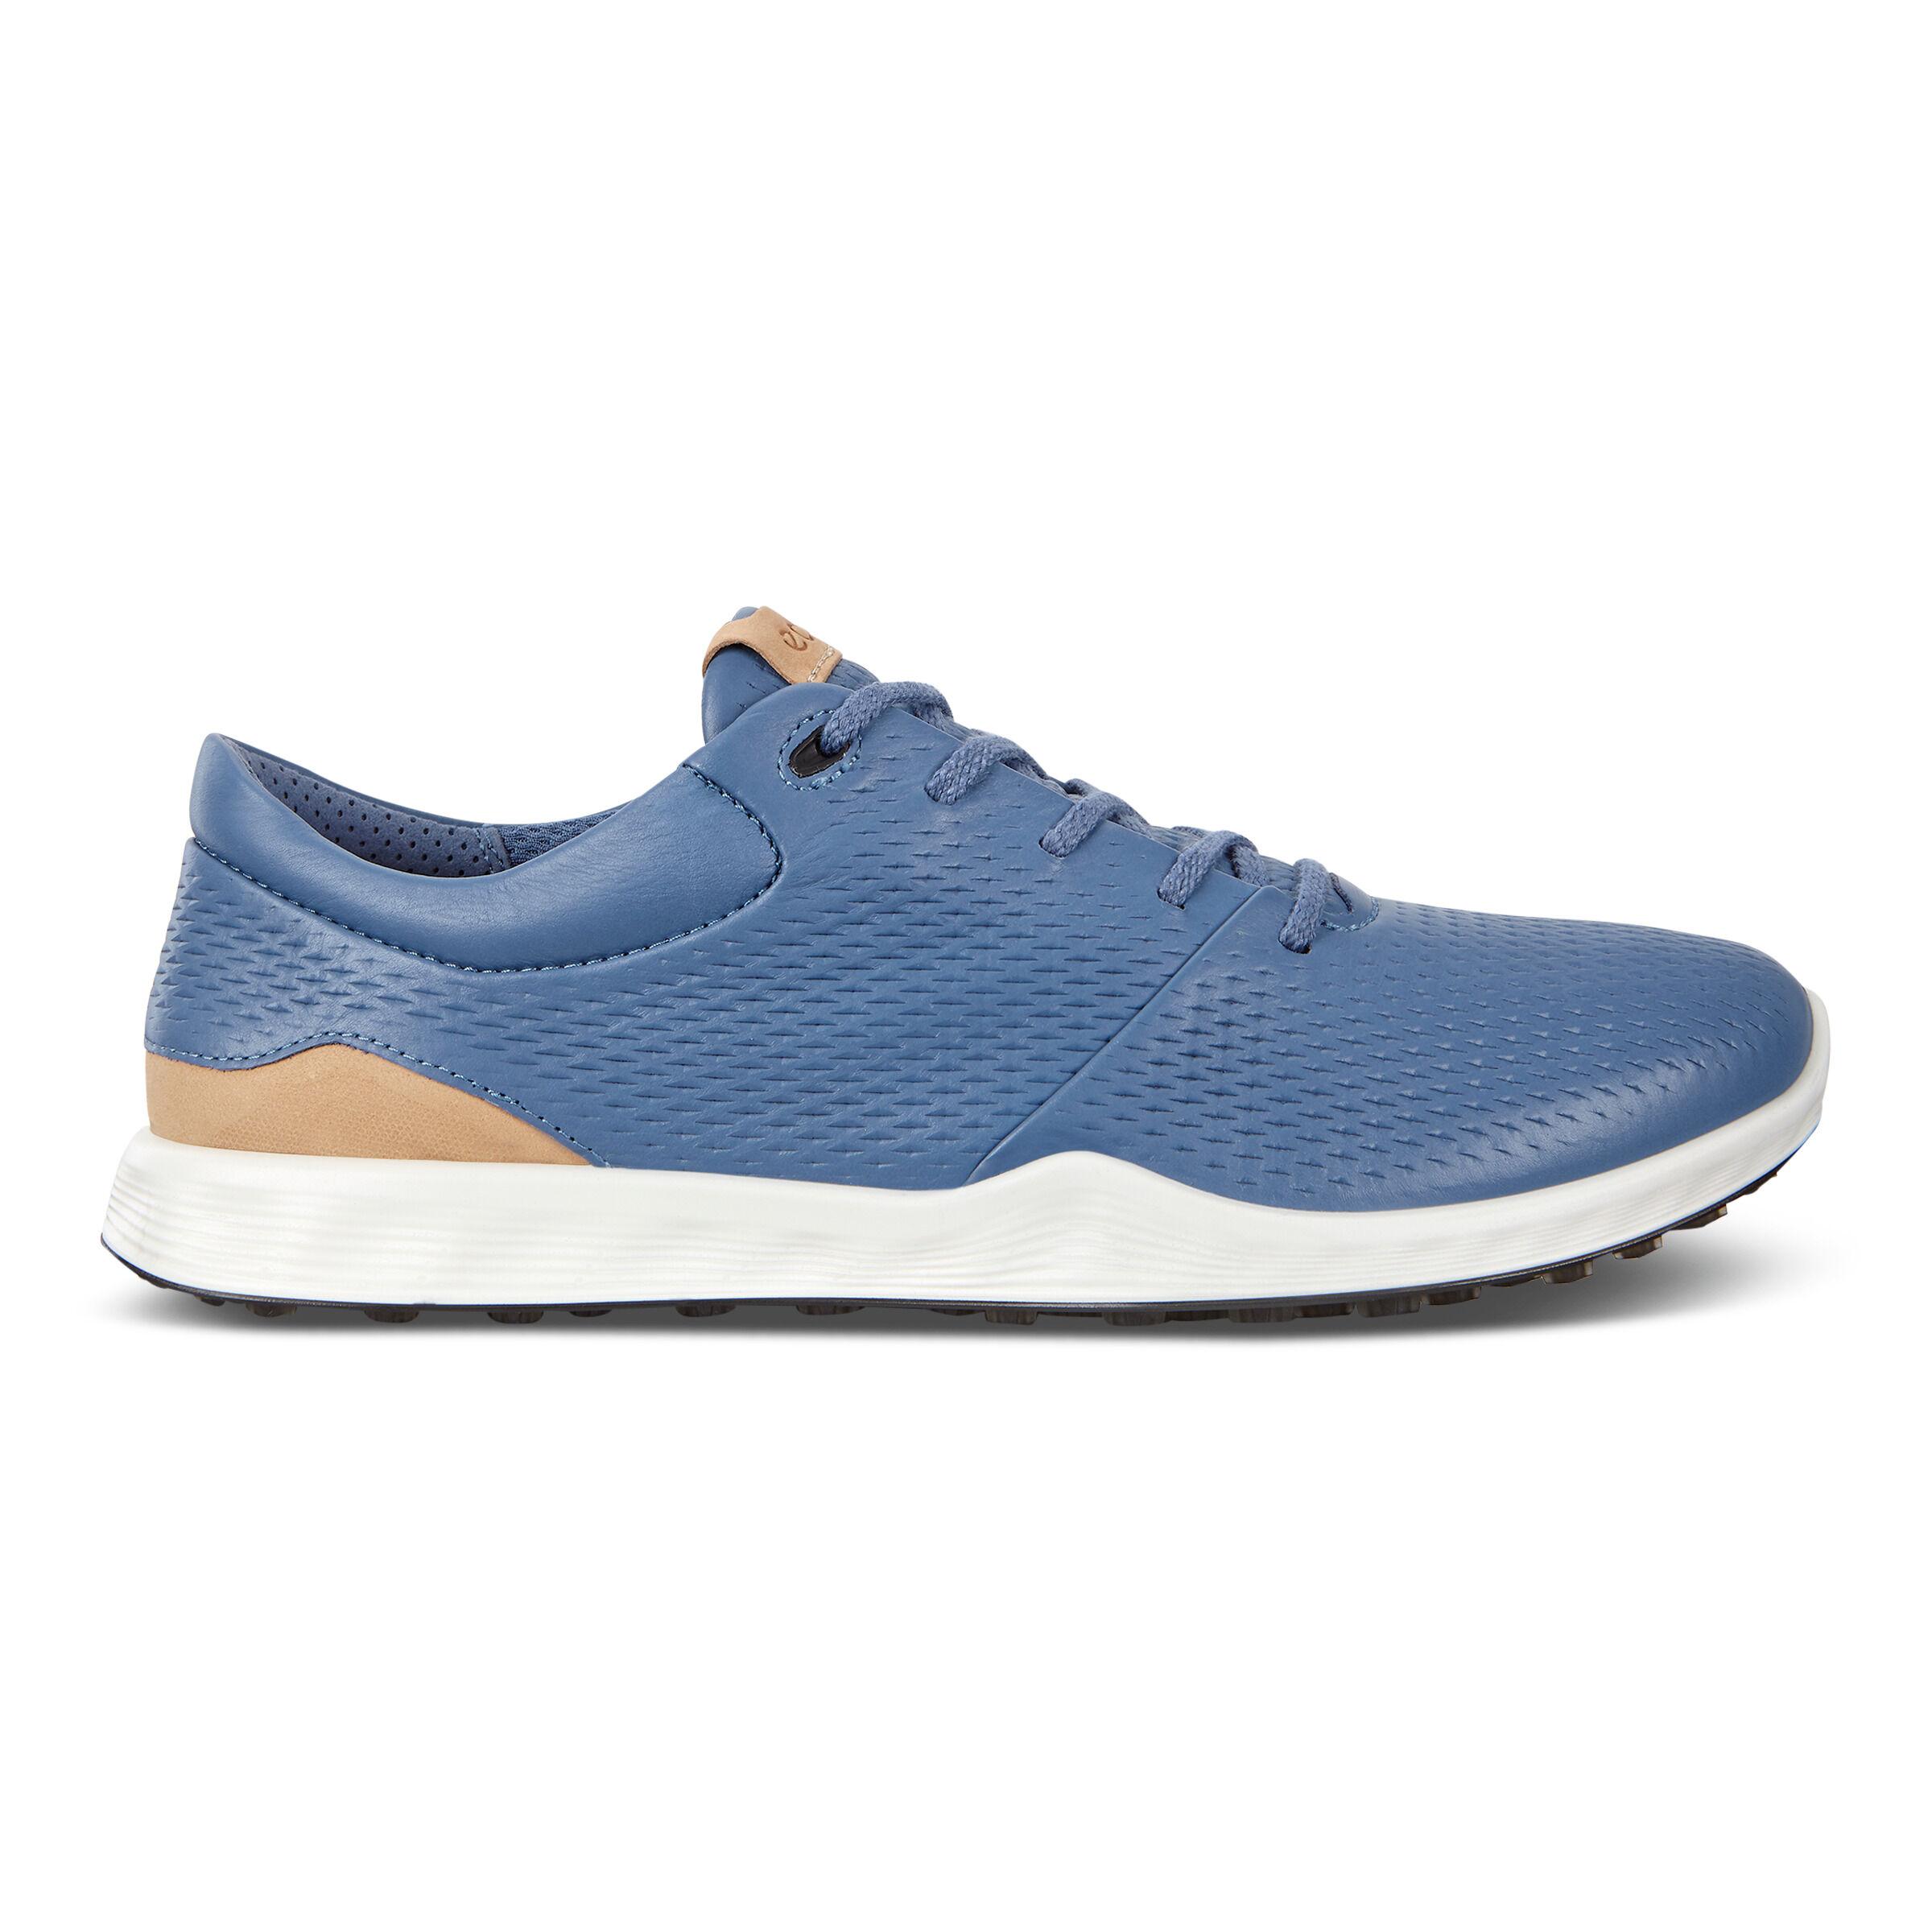 에코 우먼 골프화 ECCO W GOLF S-LITE Golf Shoe,retro blue